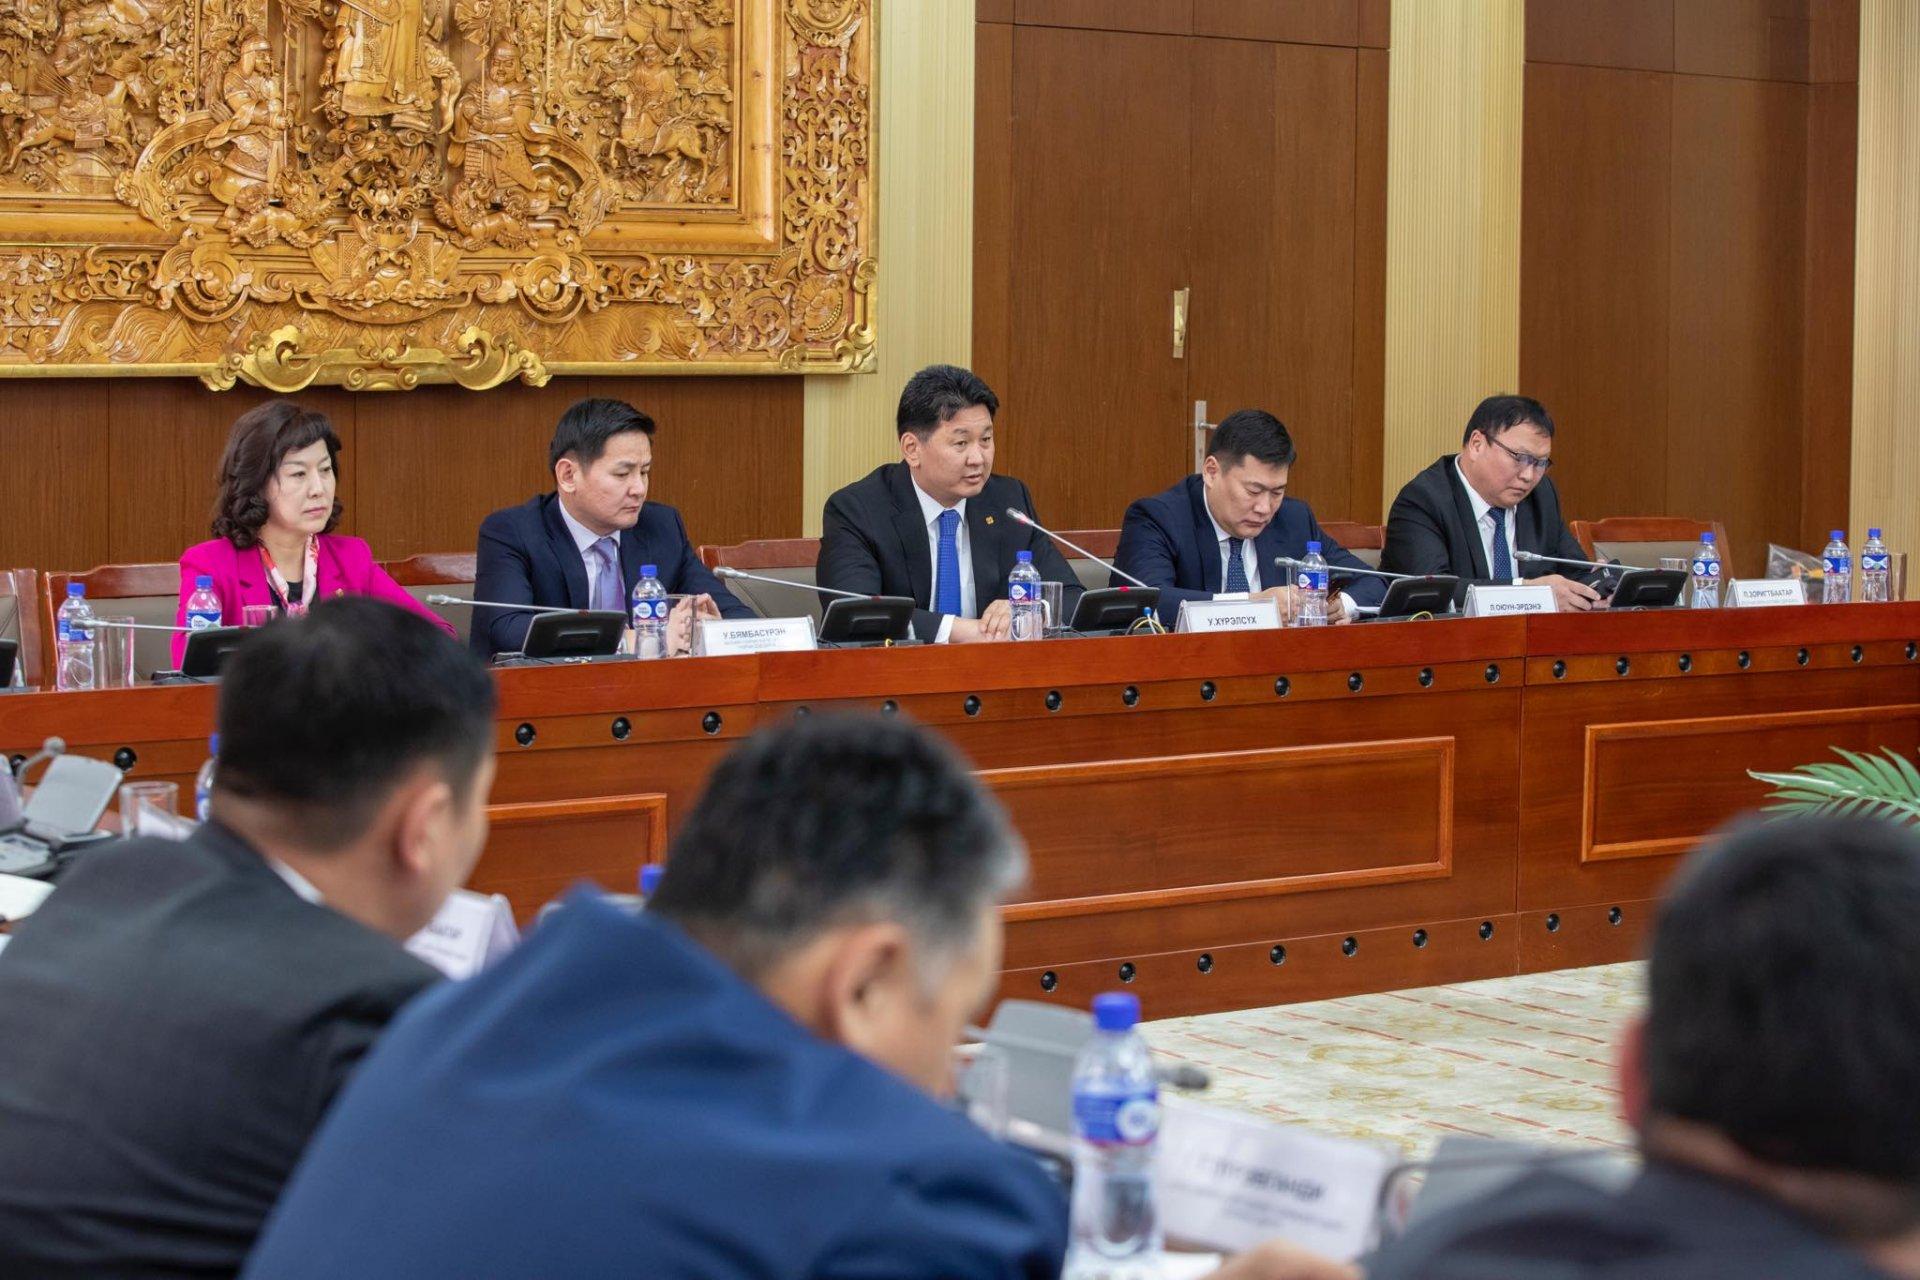 Монгол Улсын Ерөнхий сайд У.Хүрэлсүх: Төрийн тахилгат, ард түмний шүтээн